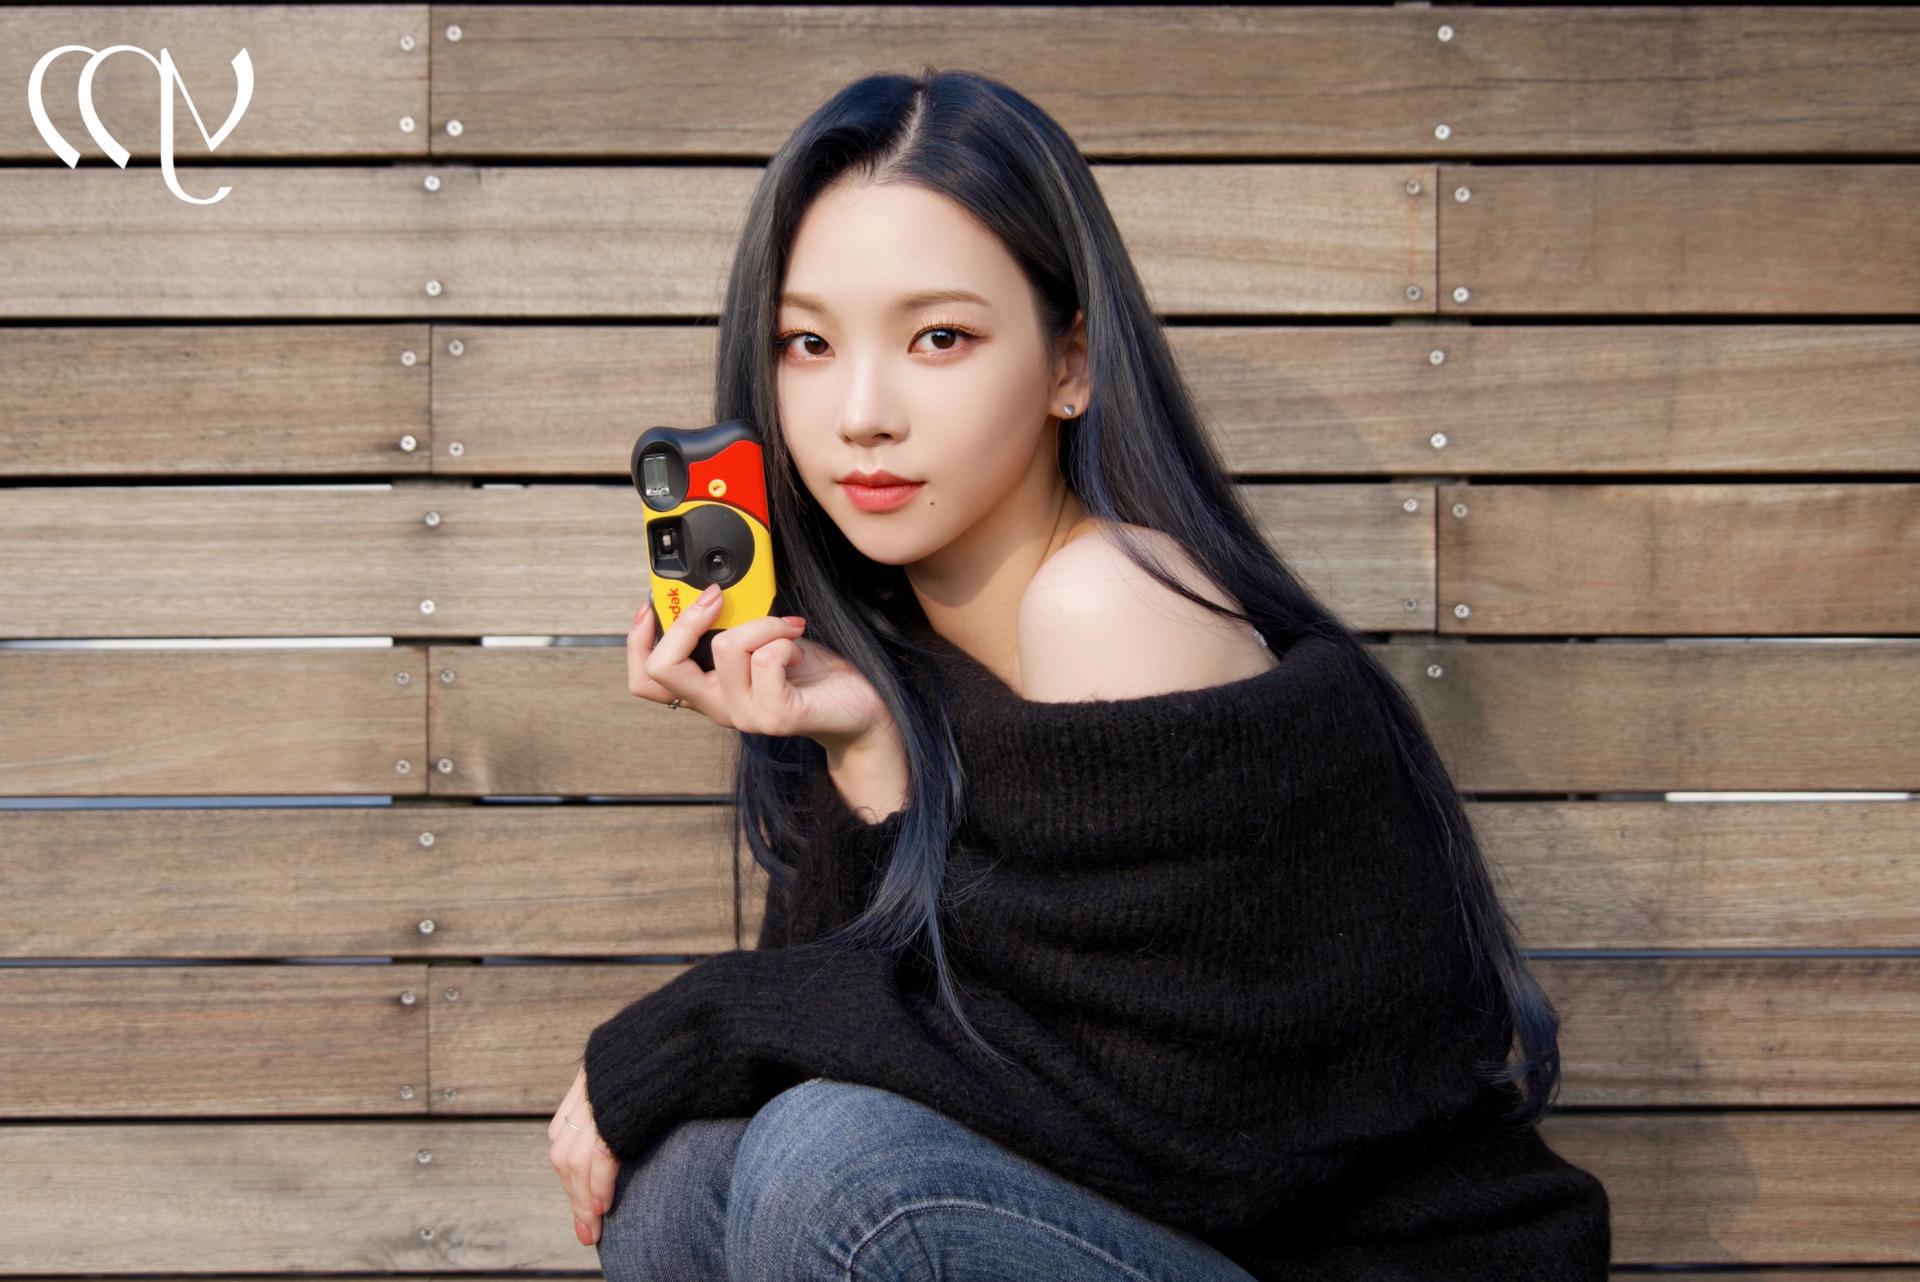 Đồ Zara, H&M sao Hàn sắm đợt này: Tân binh nhà SM diện đồ rẻ mà sang như hàng hiệu - Ảnh 1.